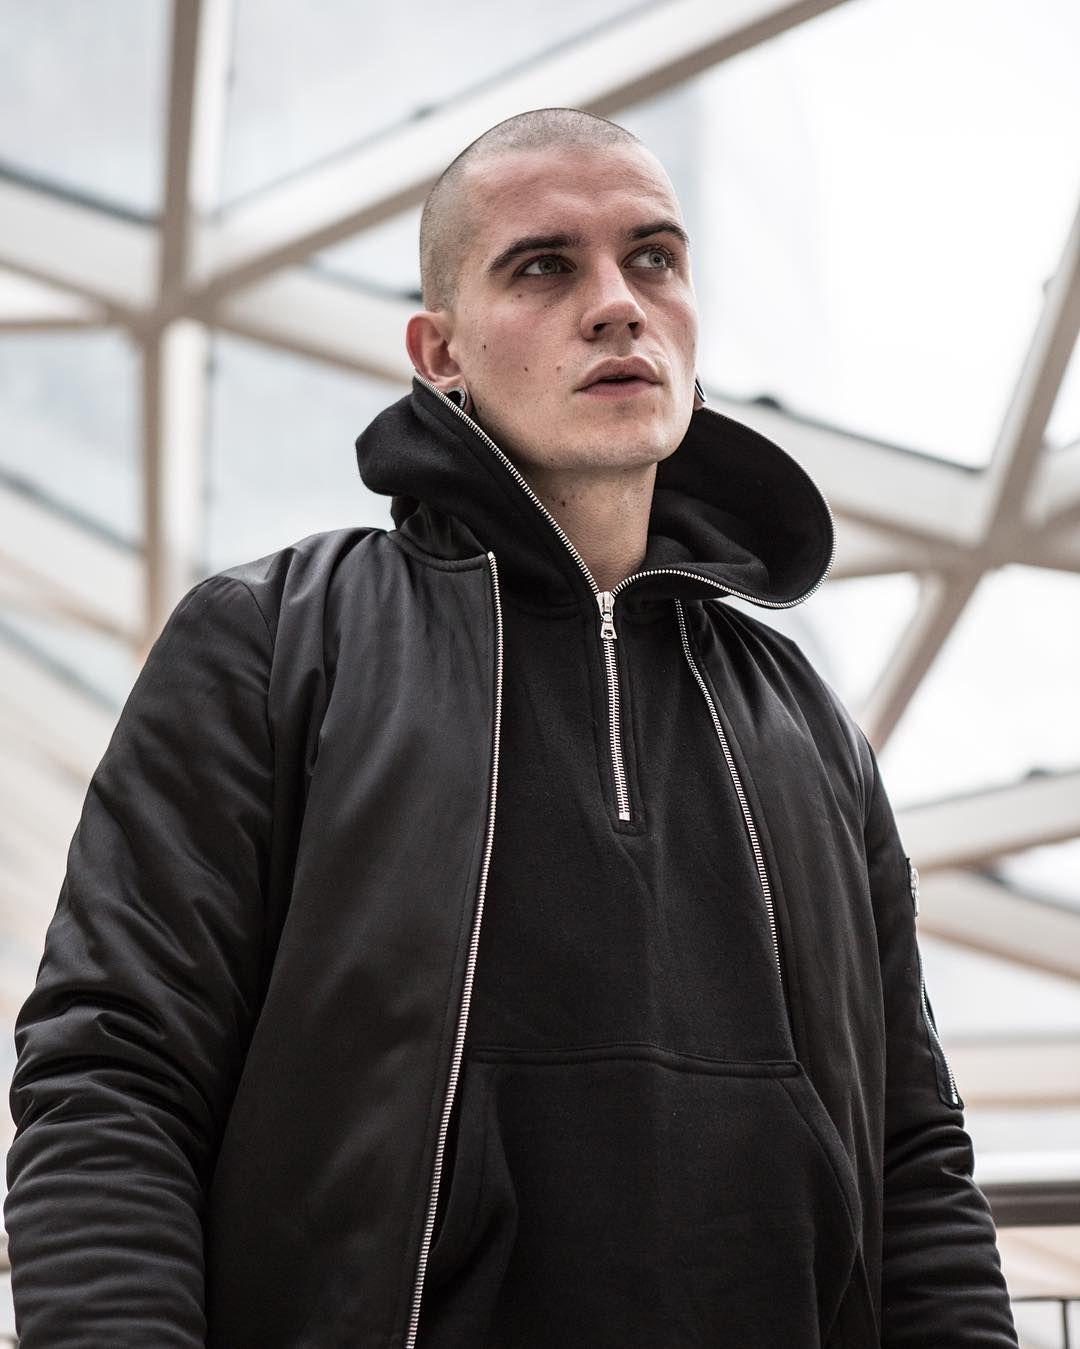 gabber skinhead style. | hommes | pinterest | skinhead style